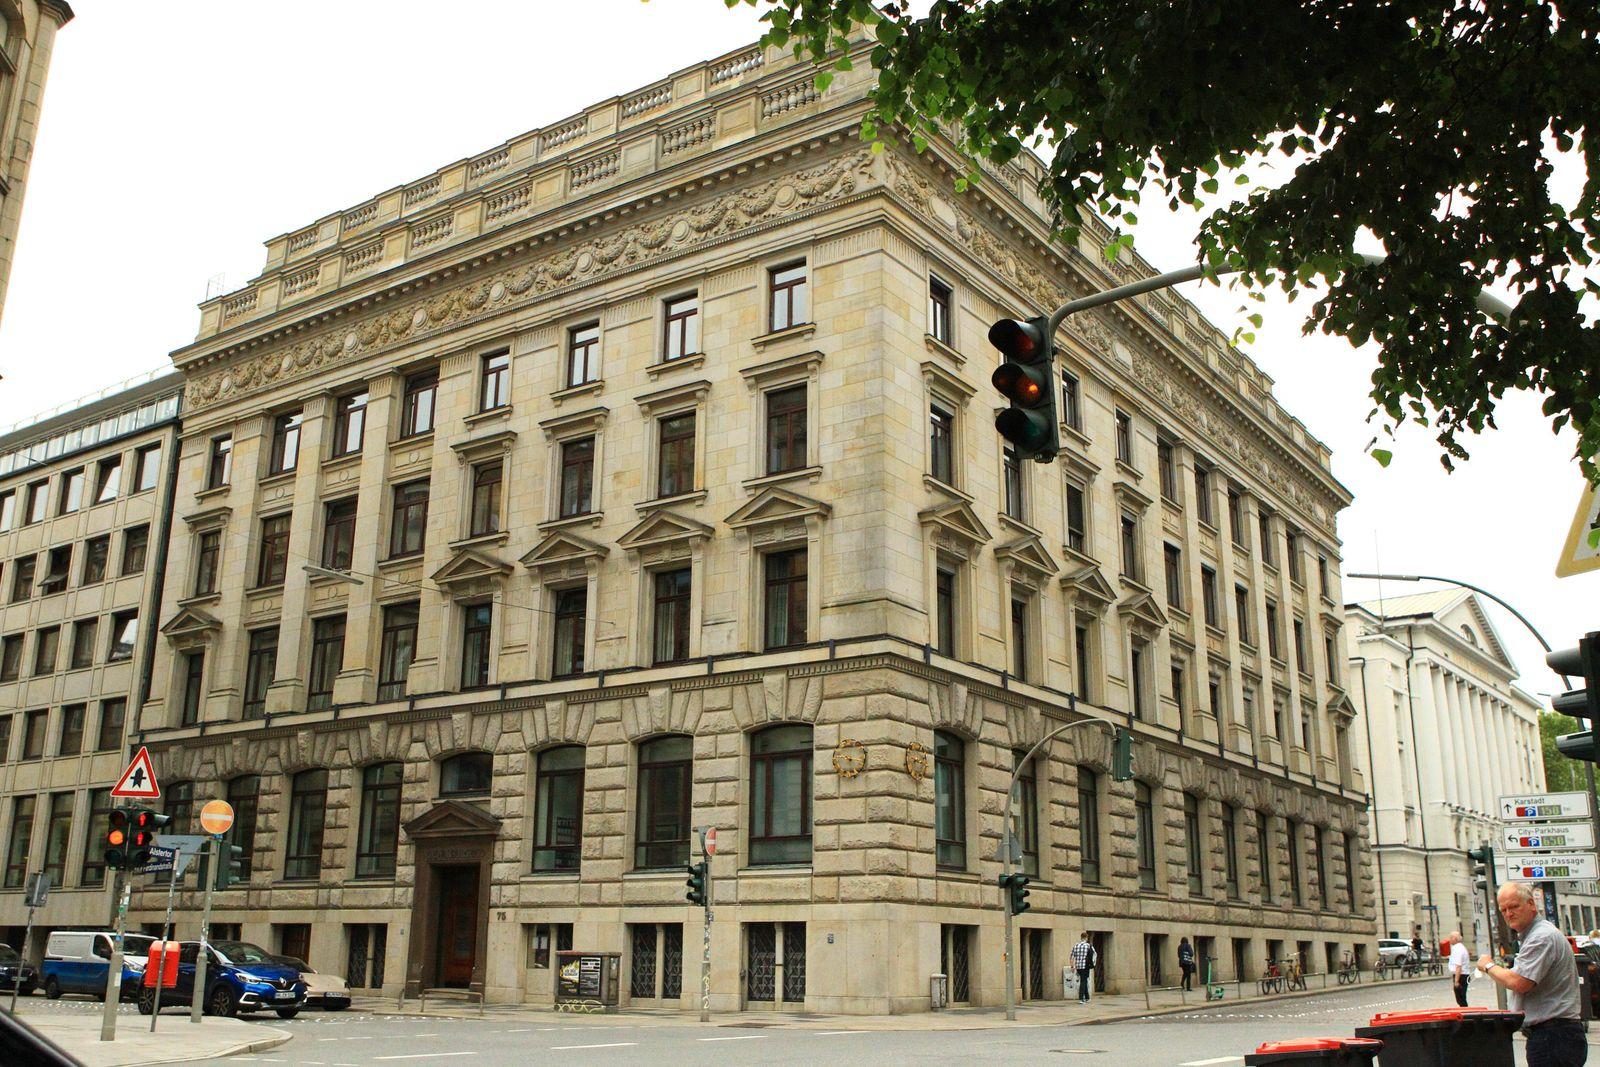 Der Hauptsitz der in die Cum-Ex-Affäre verwickelten Privatbank M.M.Warburg & CO in der Ferdinandstraße 75 in der Hamburg